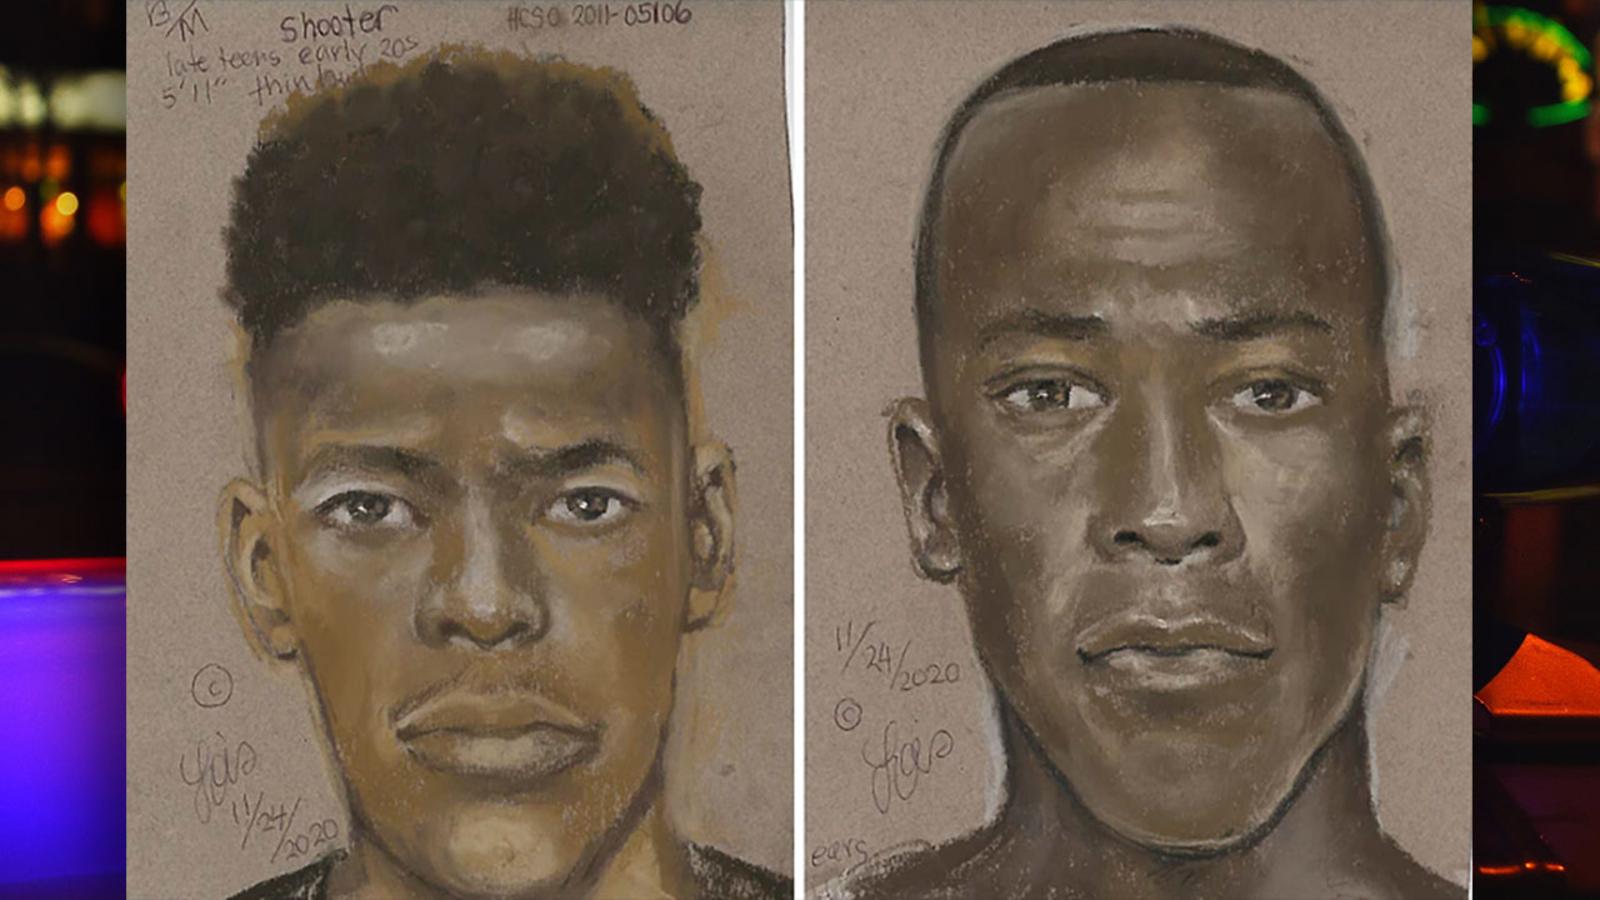 8253848 112520 ktrk murder suspect sketches img jpg?w=1600.